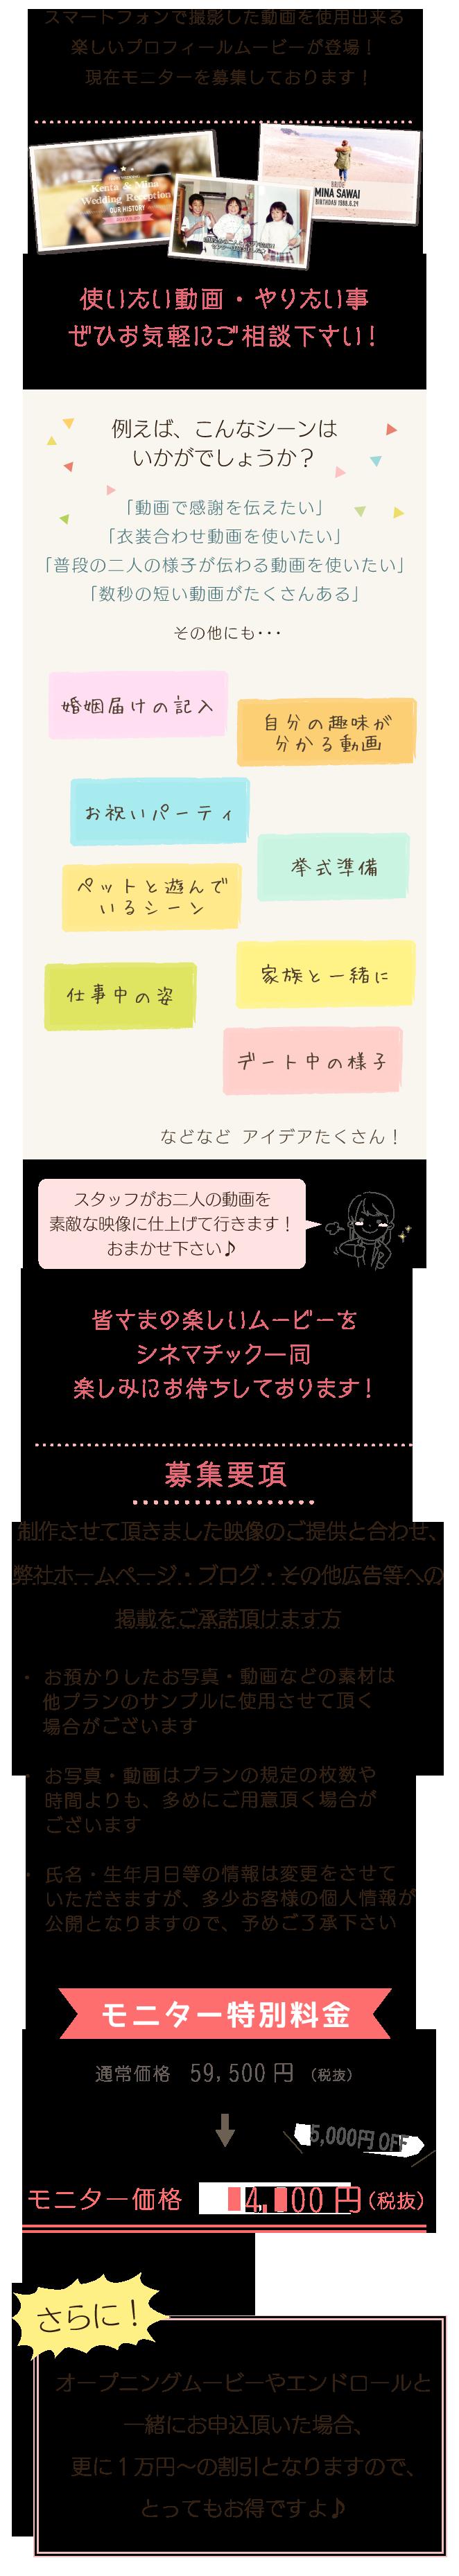 モニター募集02